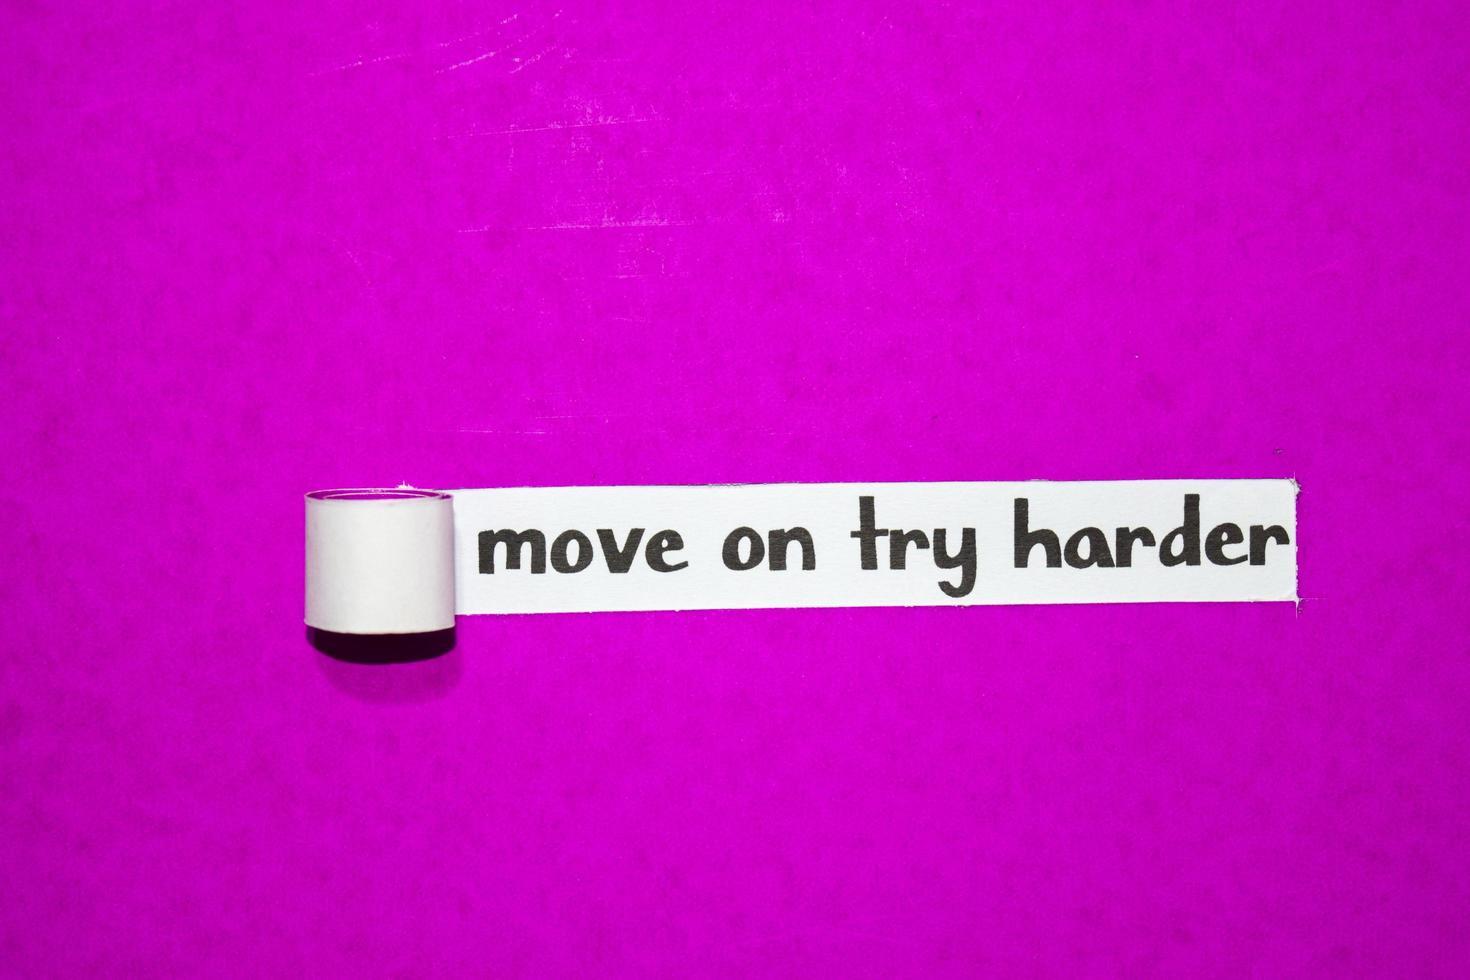 Versuchen Sie es mit härterem Text, Inspiration, Motivation und Geschäftskonzept auf lila zerrissenem Papier foto